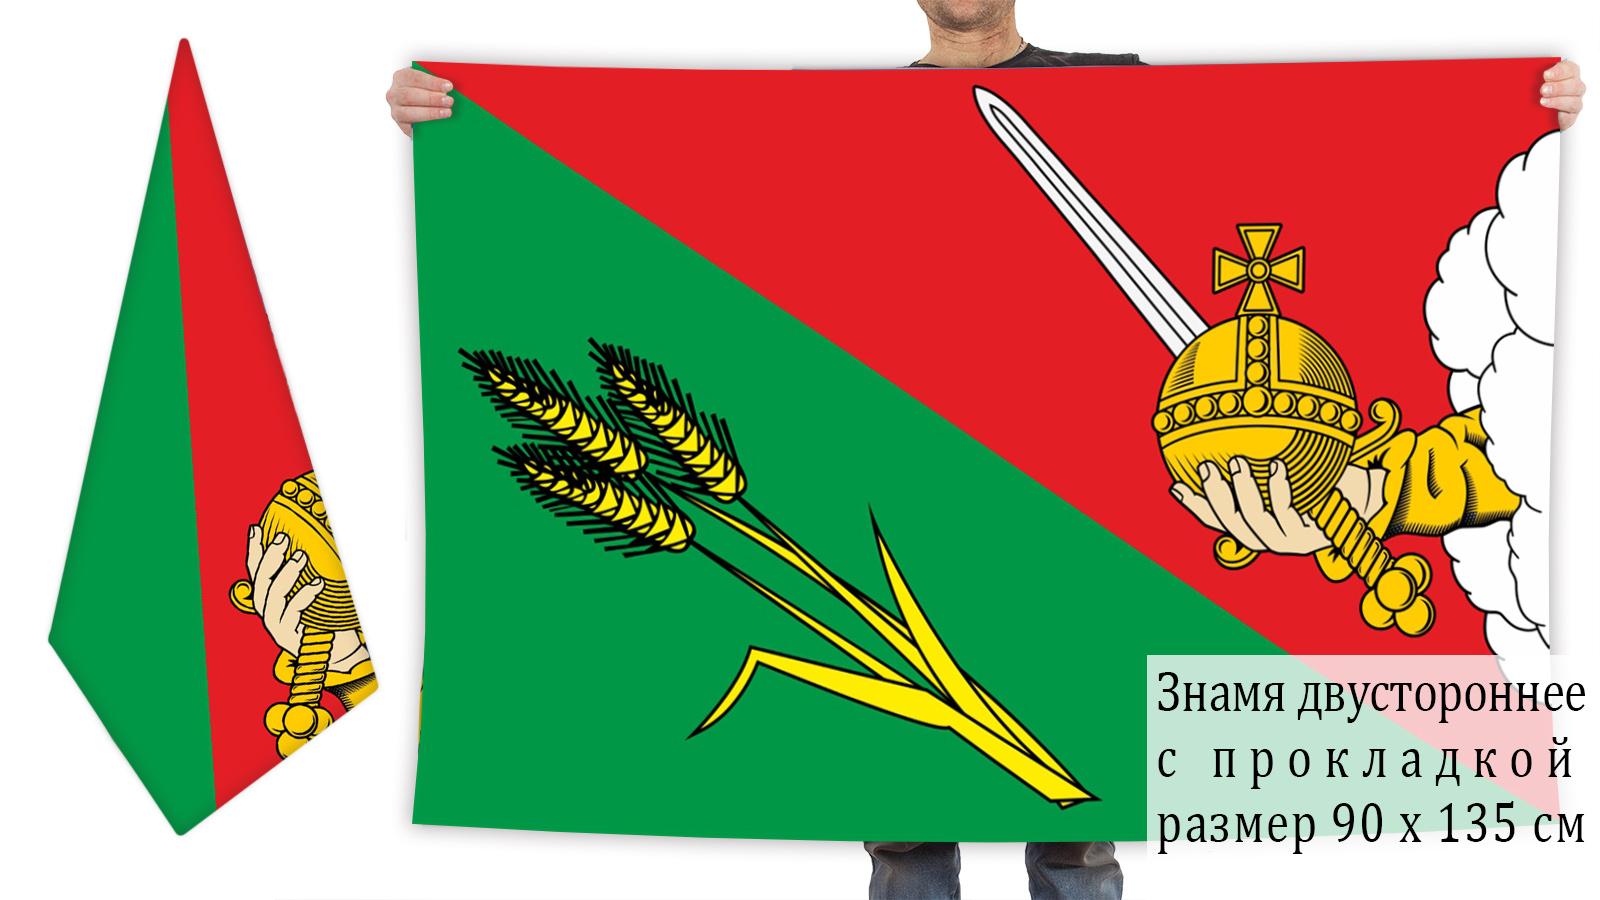 Двусторонний флаг Вологодского района